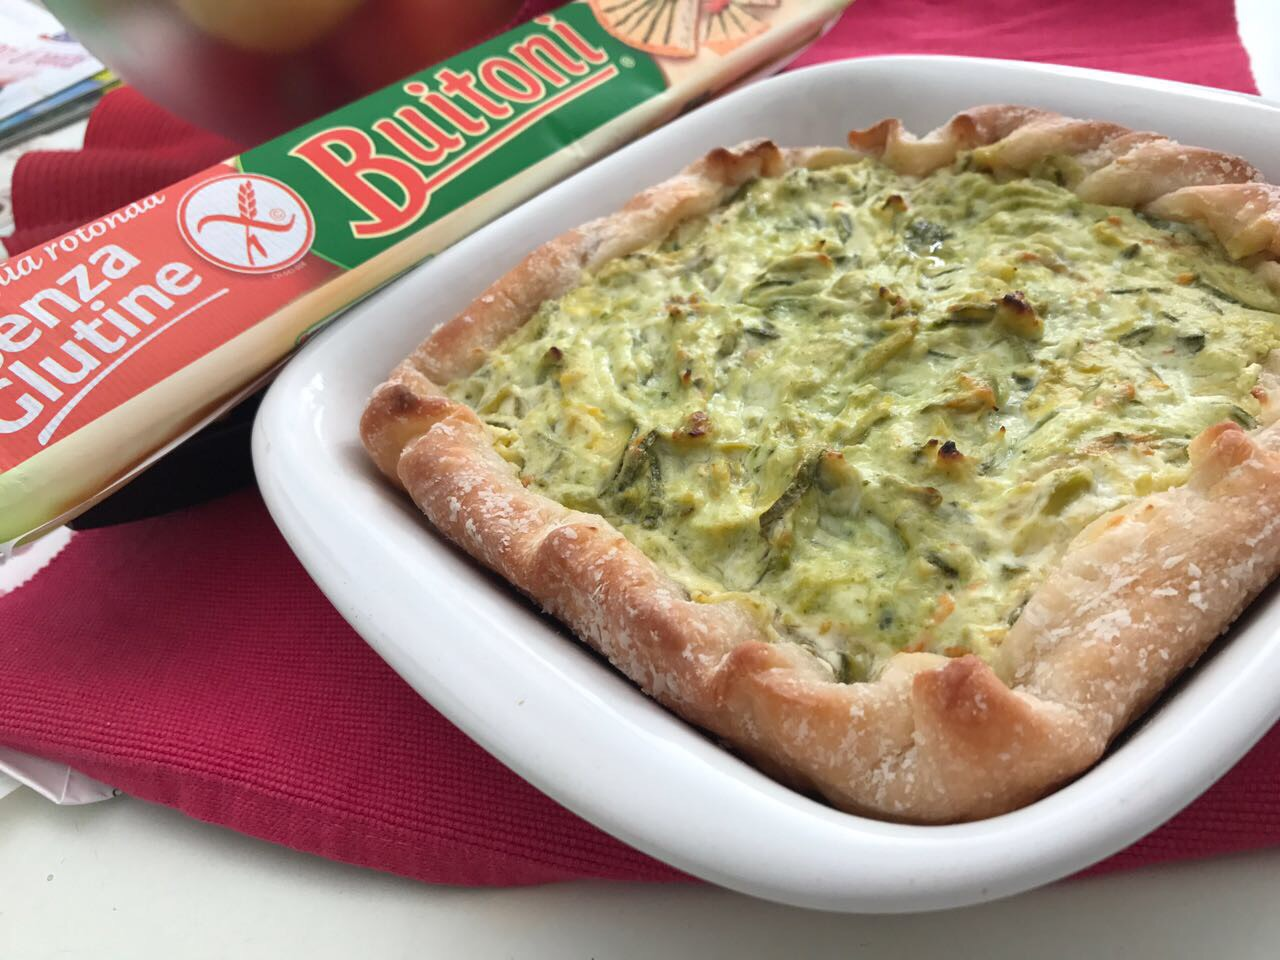 Torta gluten free con zucchine, stracchino e asiago